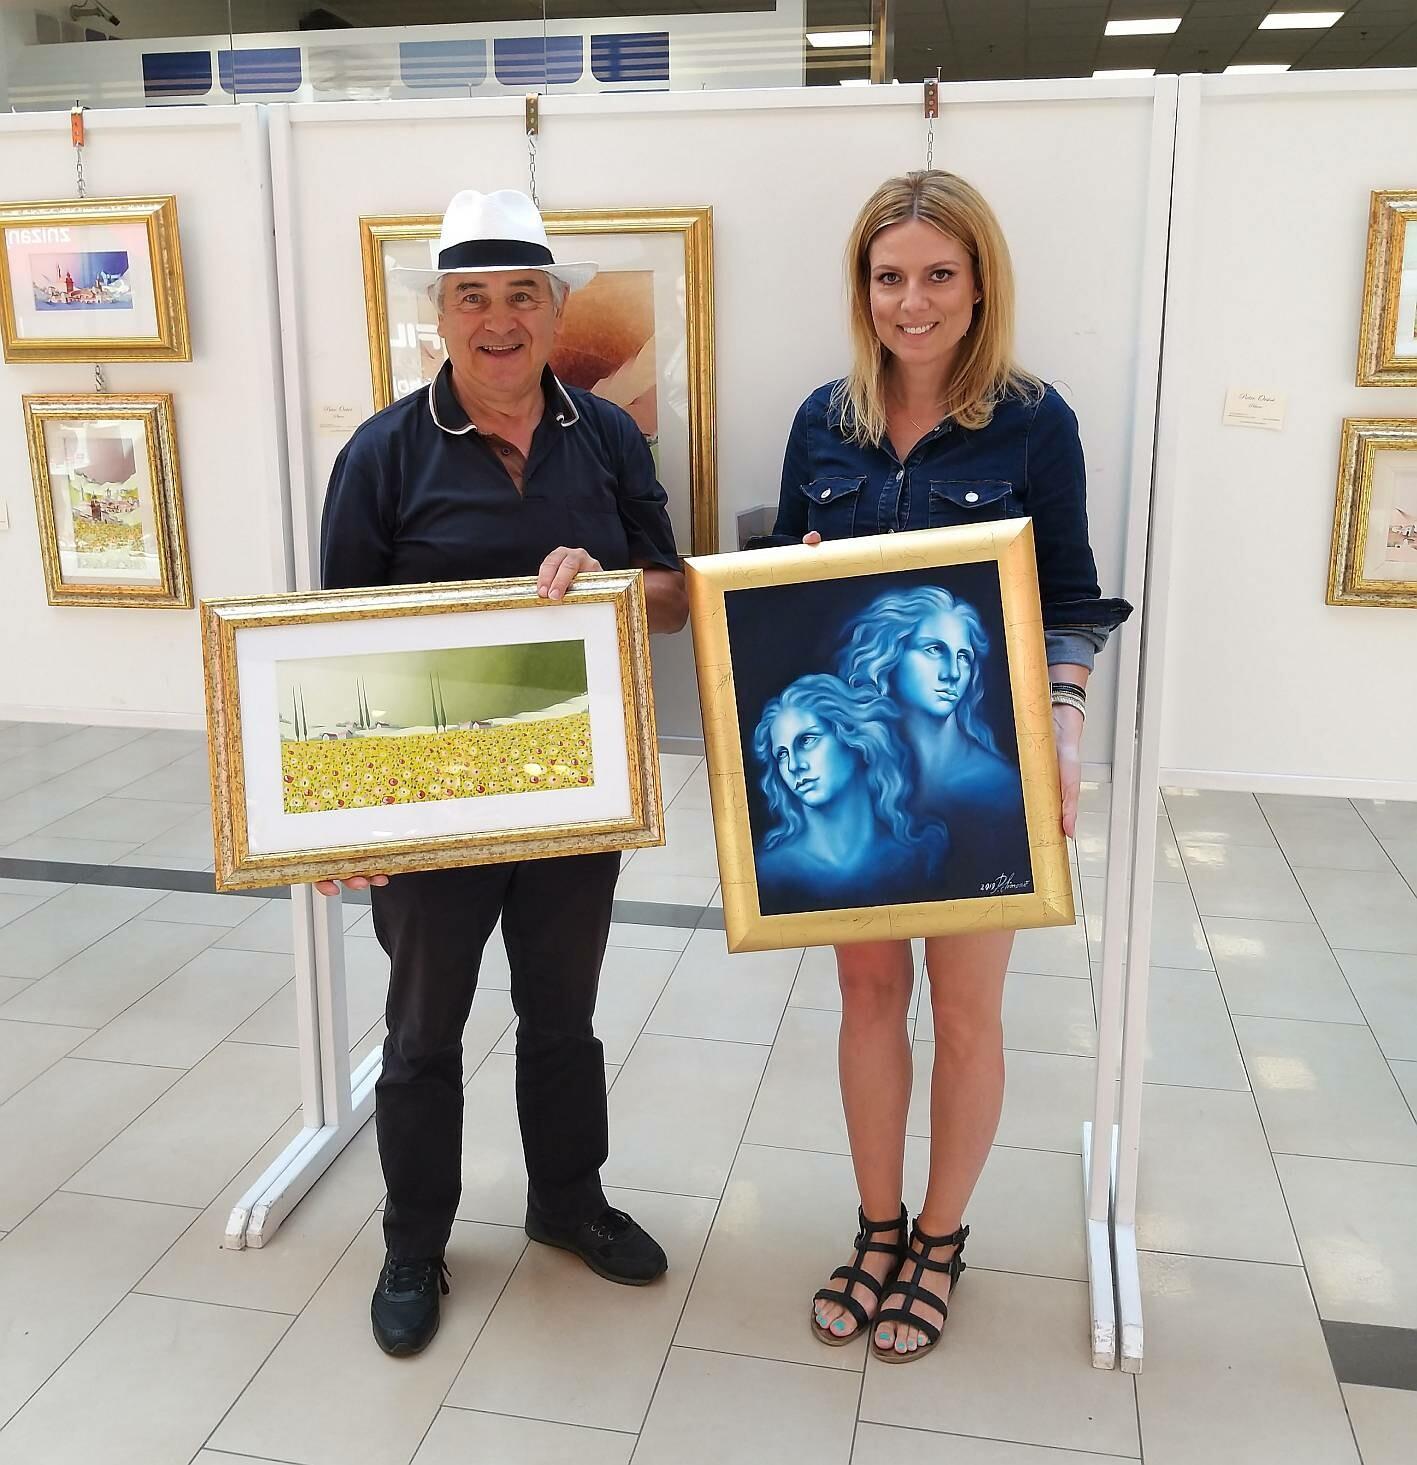 Viaggio artistico Slovenia-Italia, mostra del pittore bagnacavallese Pietro Orsini e della pittrice slovena Patricija Simonic